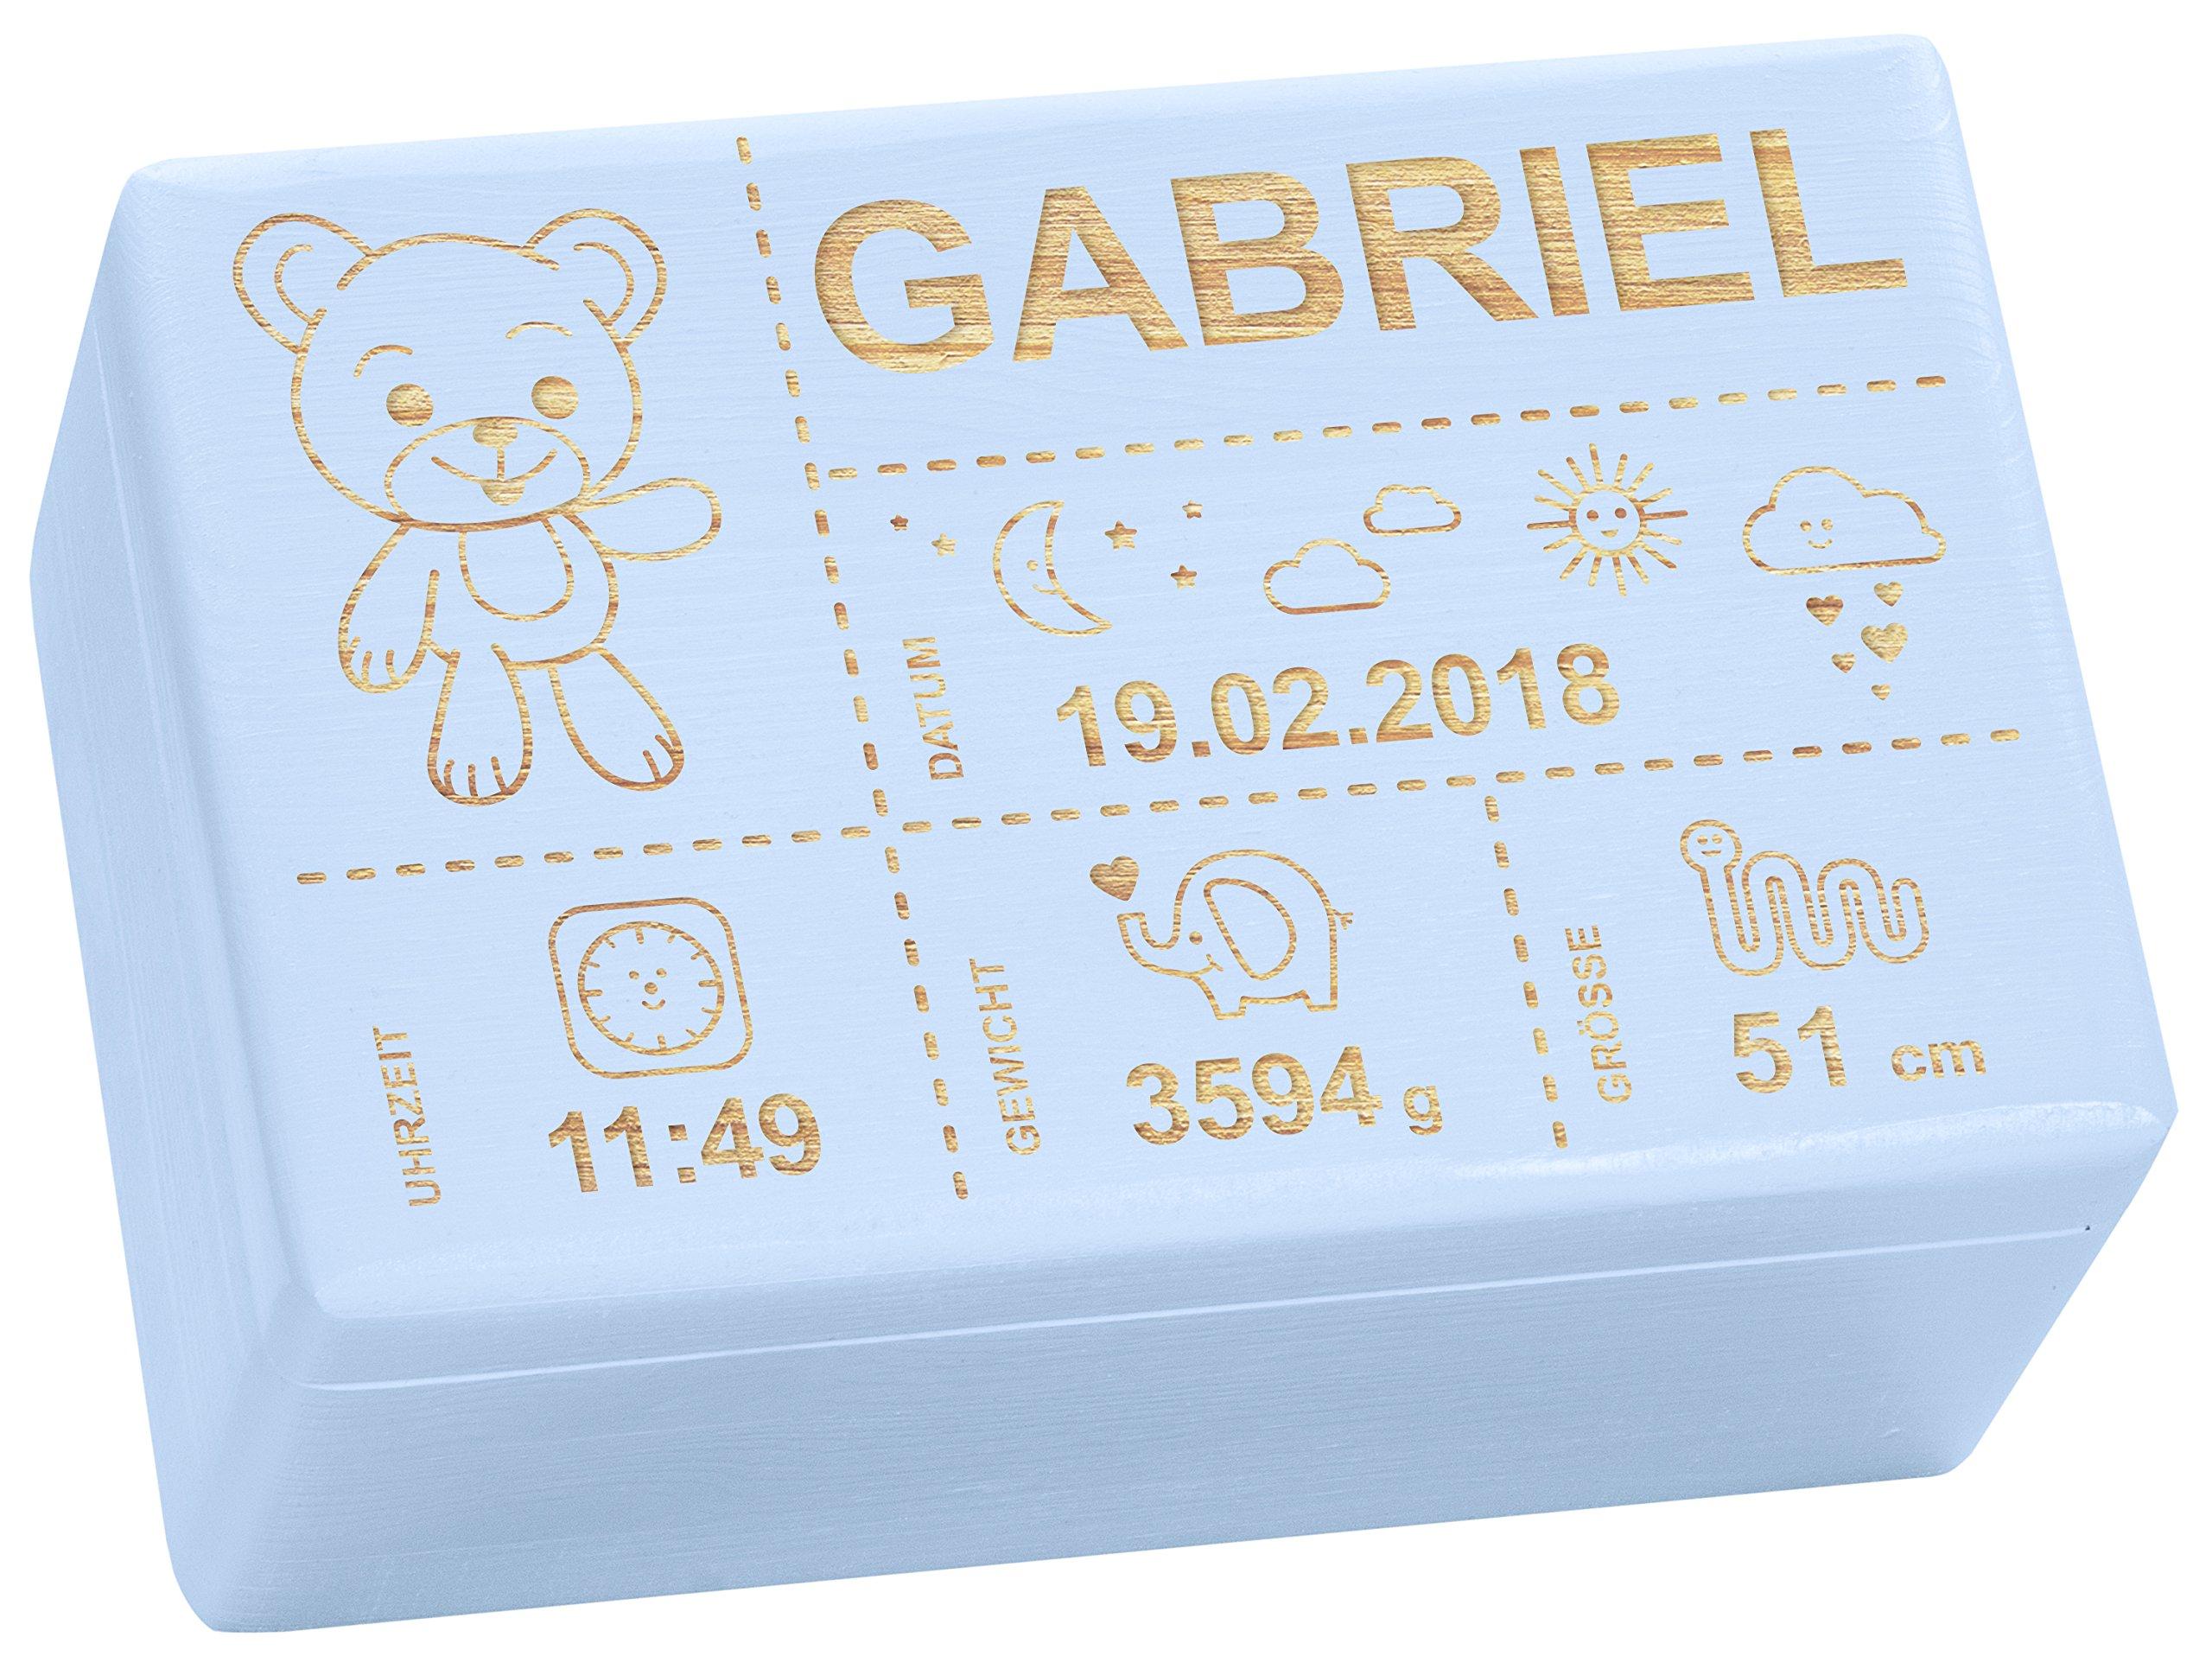 Holzkiste mit Gravur - Personalisiert mit ❤ GEBURTSDATEN ❤ - Blau, Größe M - Teddybär Motiv - Erinnerungskiste als Geschenk zur Geburt - LAUBLUST® 14